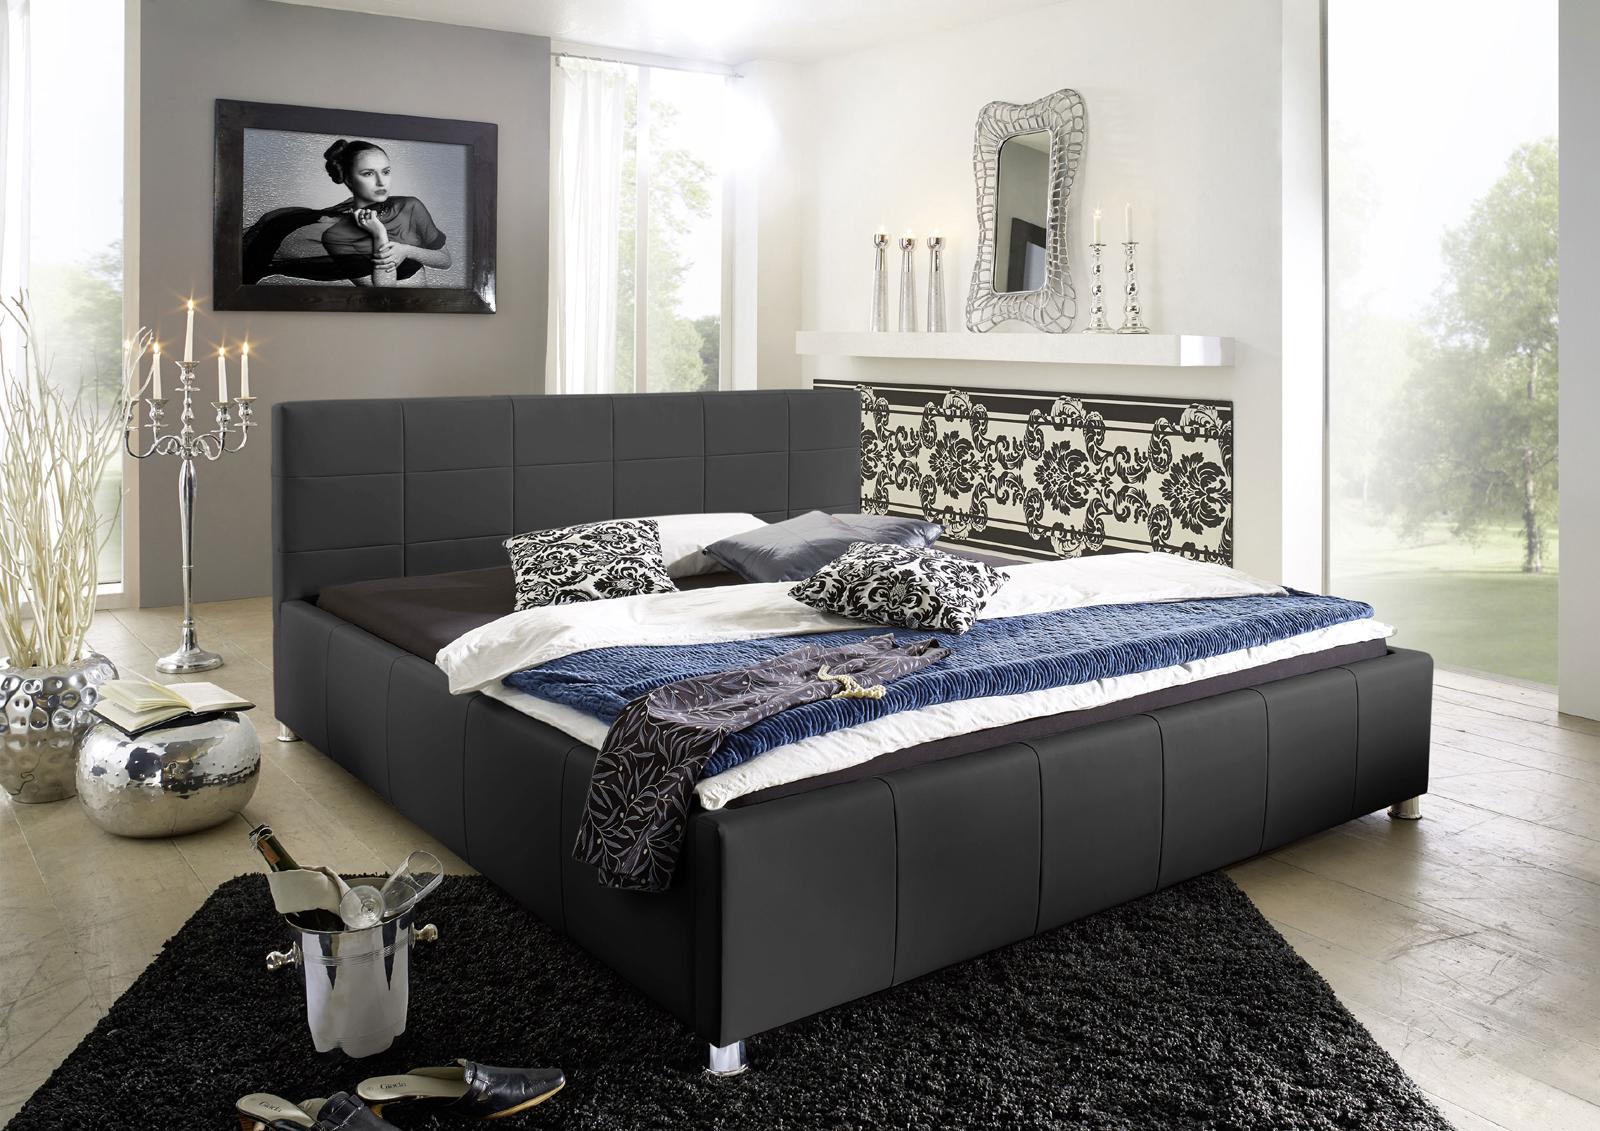 Full Size of Wasserbetten Europacom Polsterbett Euro Kira 200x220 Cm In Schwarz Bett Betten Wohnzimmer Polsterbett 200x220